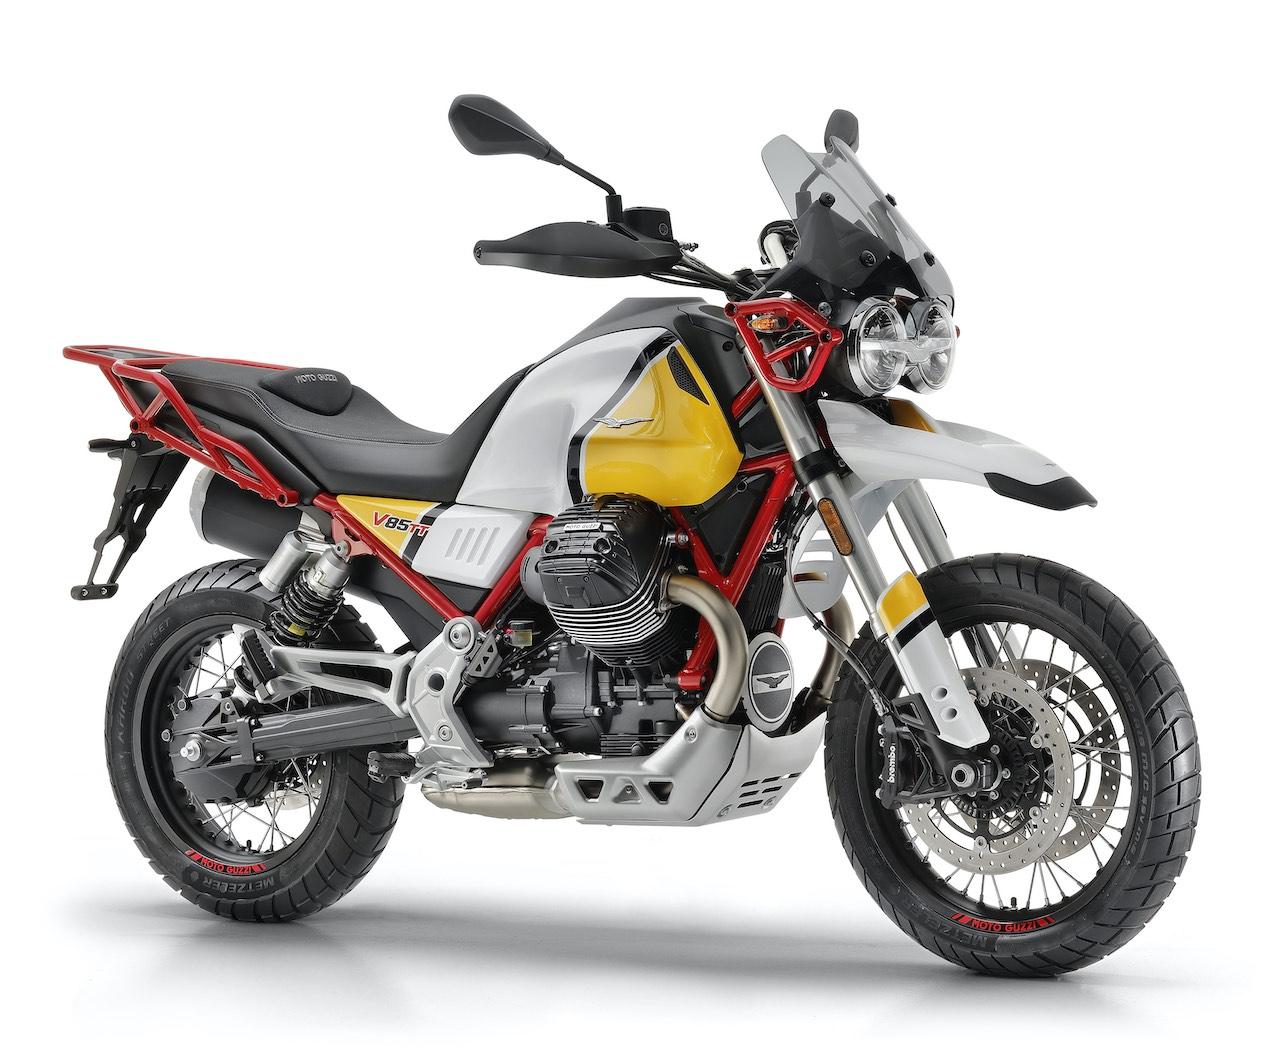 Retro Adventure Moto Guzzi V85 TT GIALLO Sahara front right view